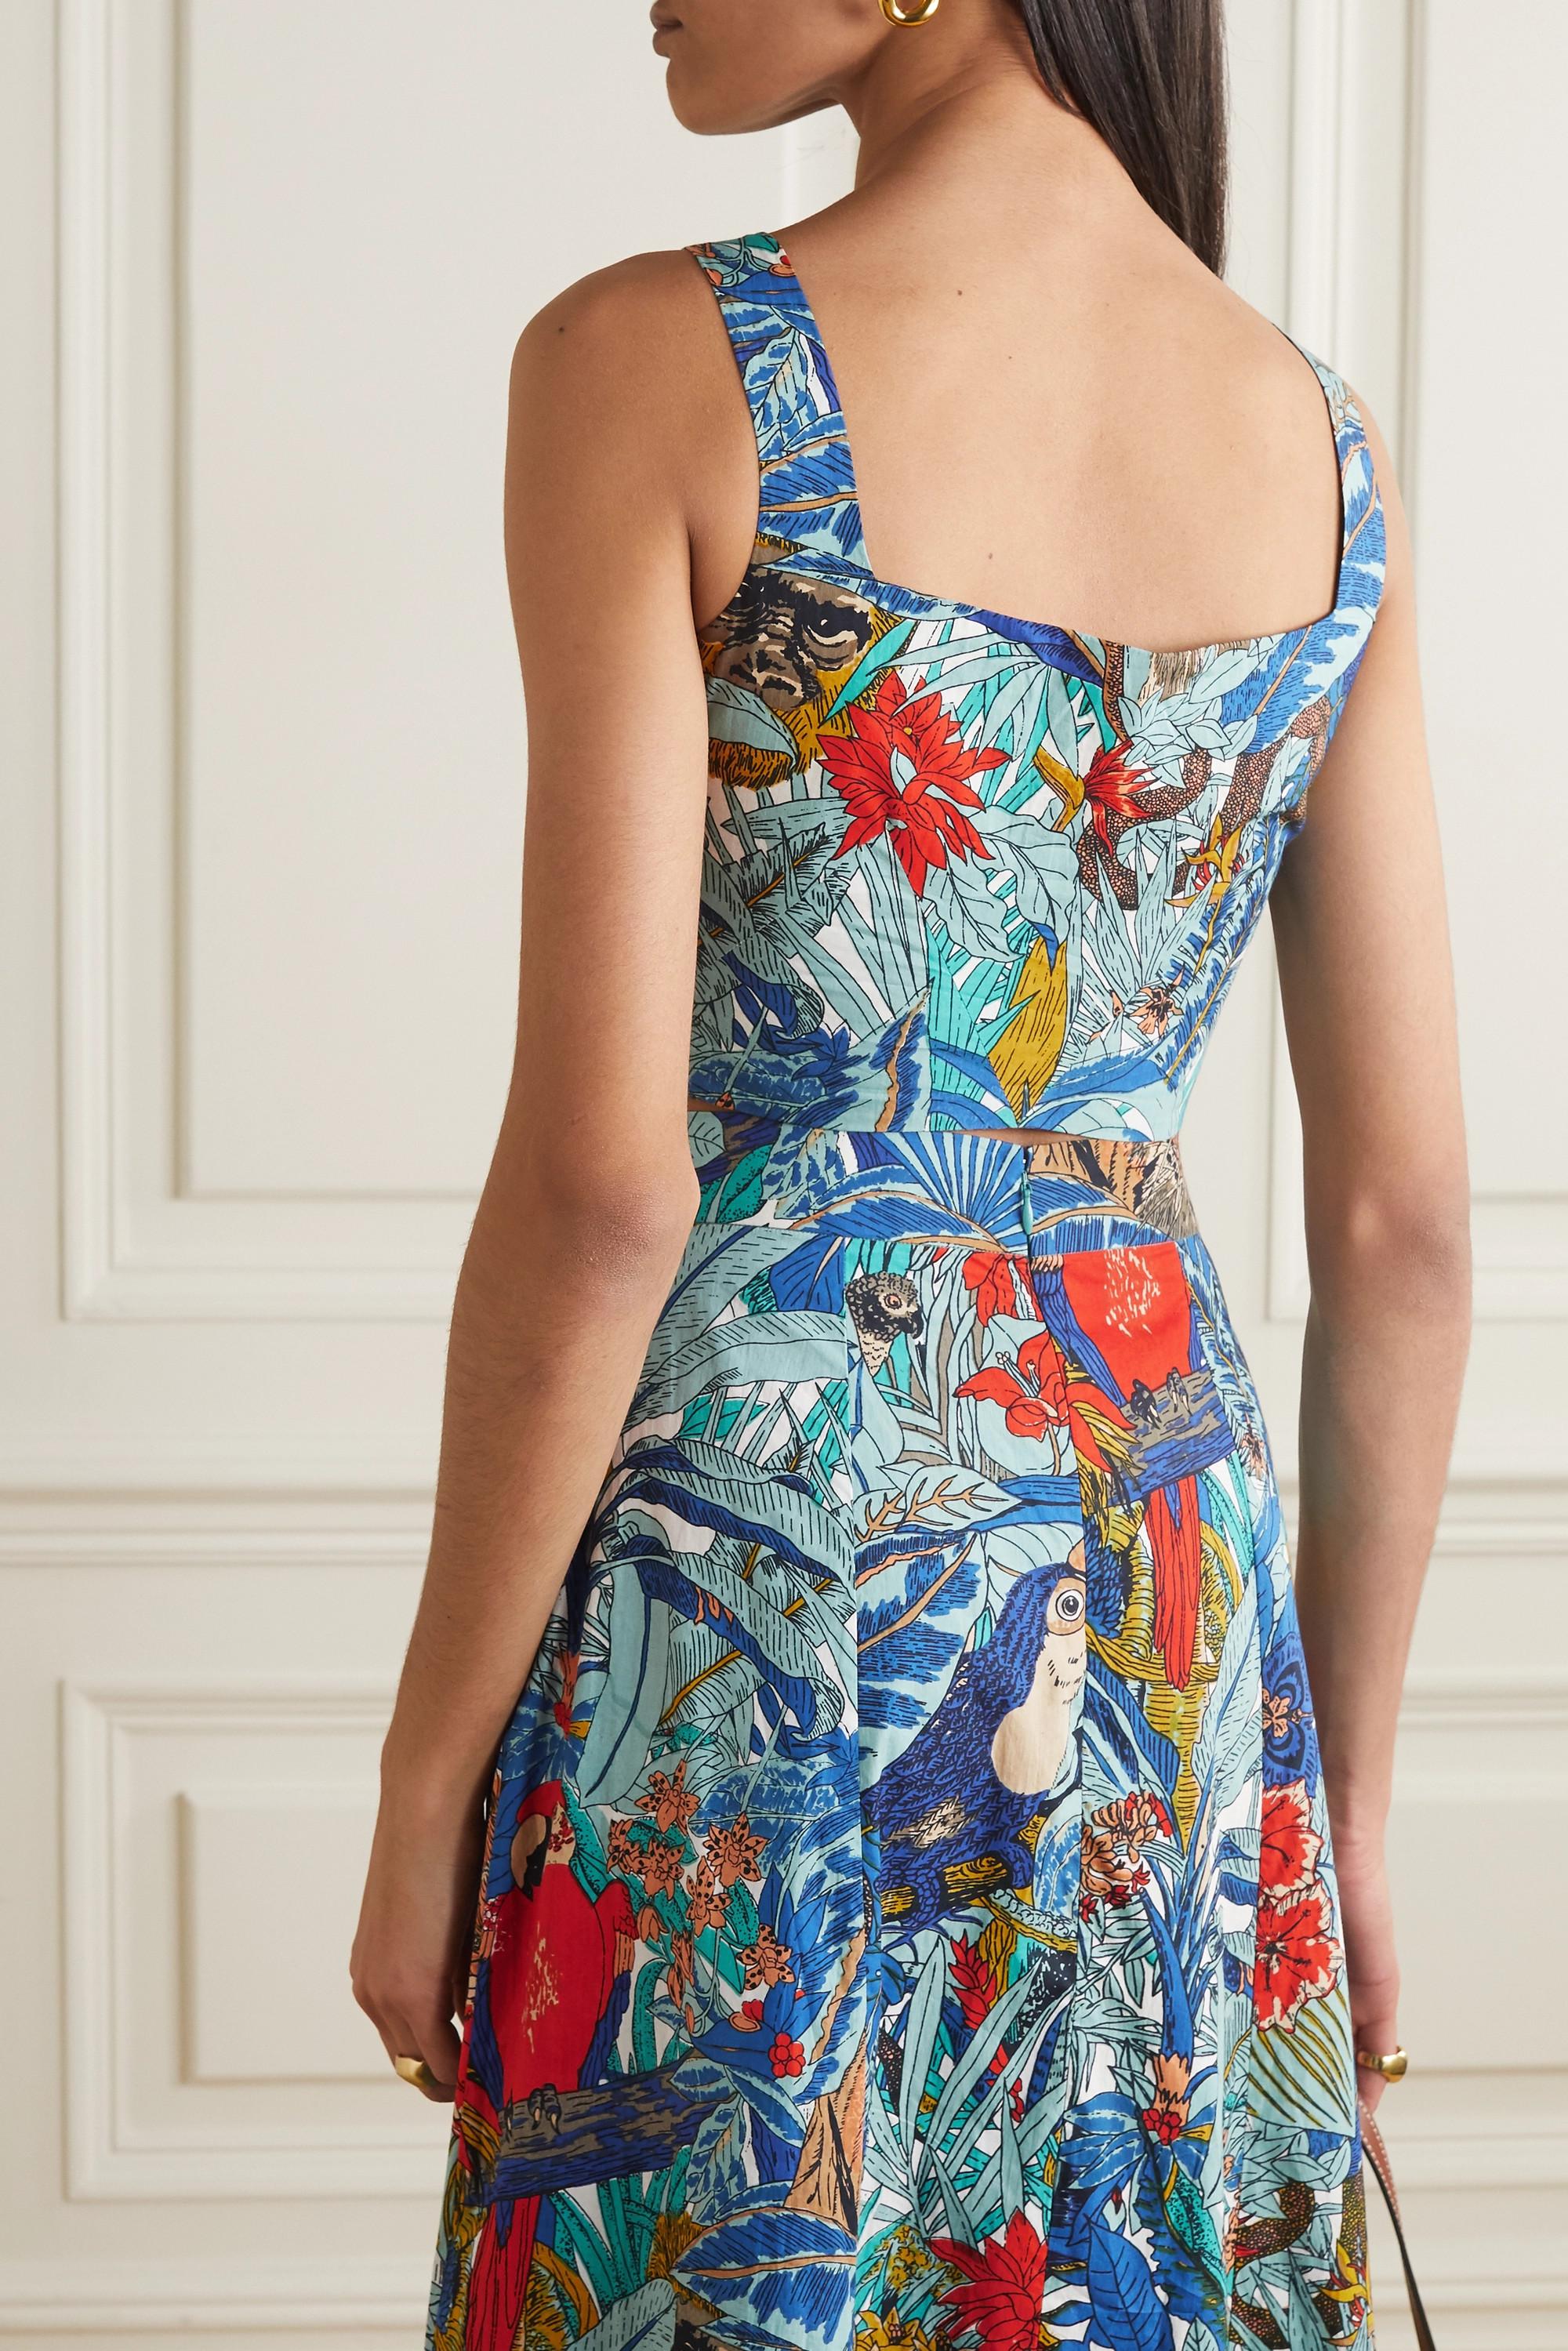 Le Sirenuse Positano Cinderella cropped printed cotton top